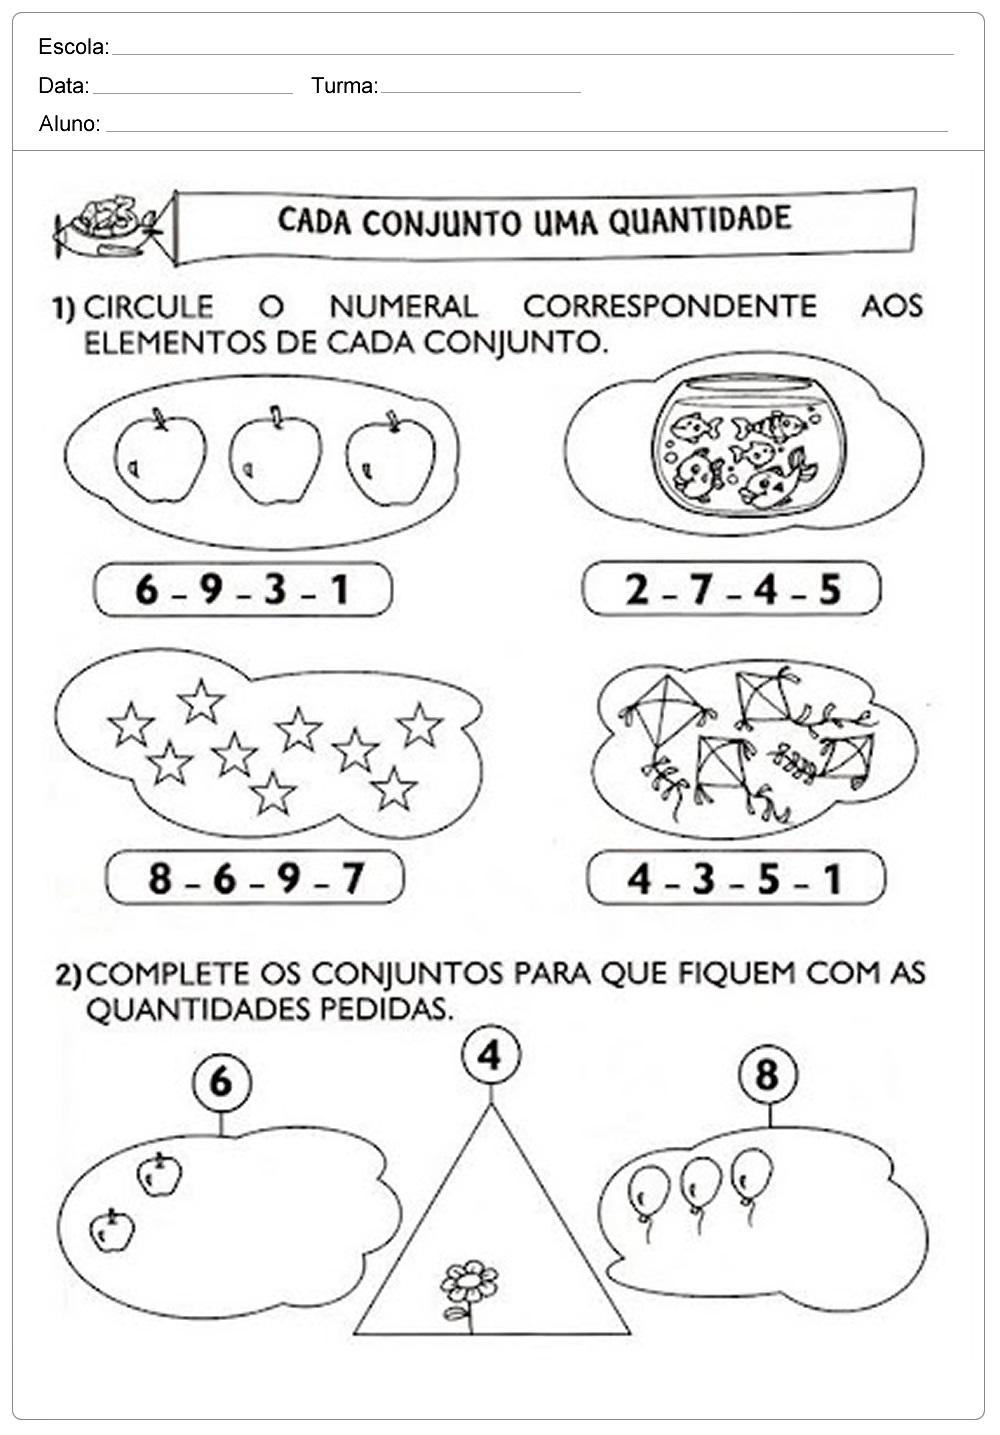 10 Atividades de Matemática 1 ano - Para Imprimir - Ensino Fundamental.